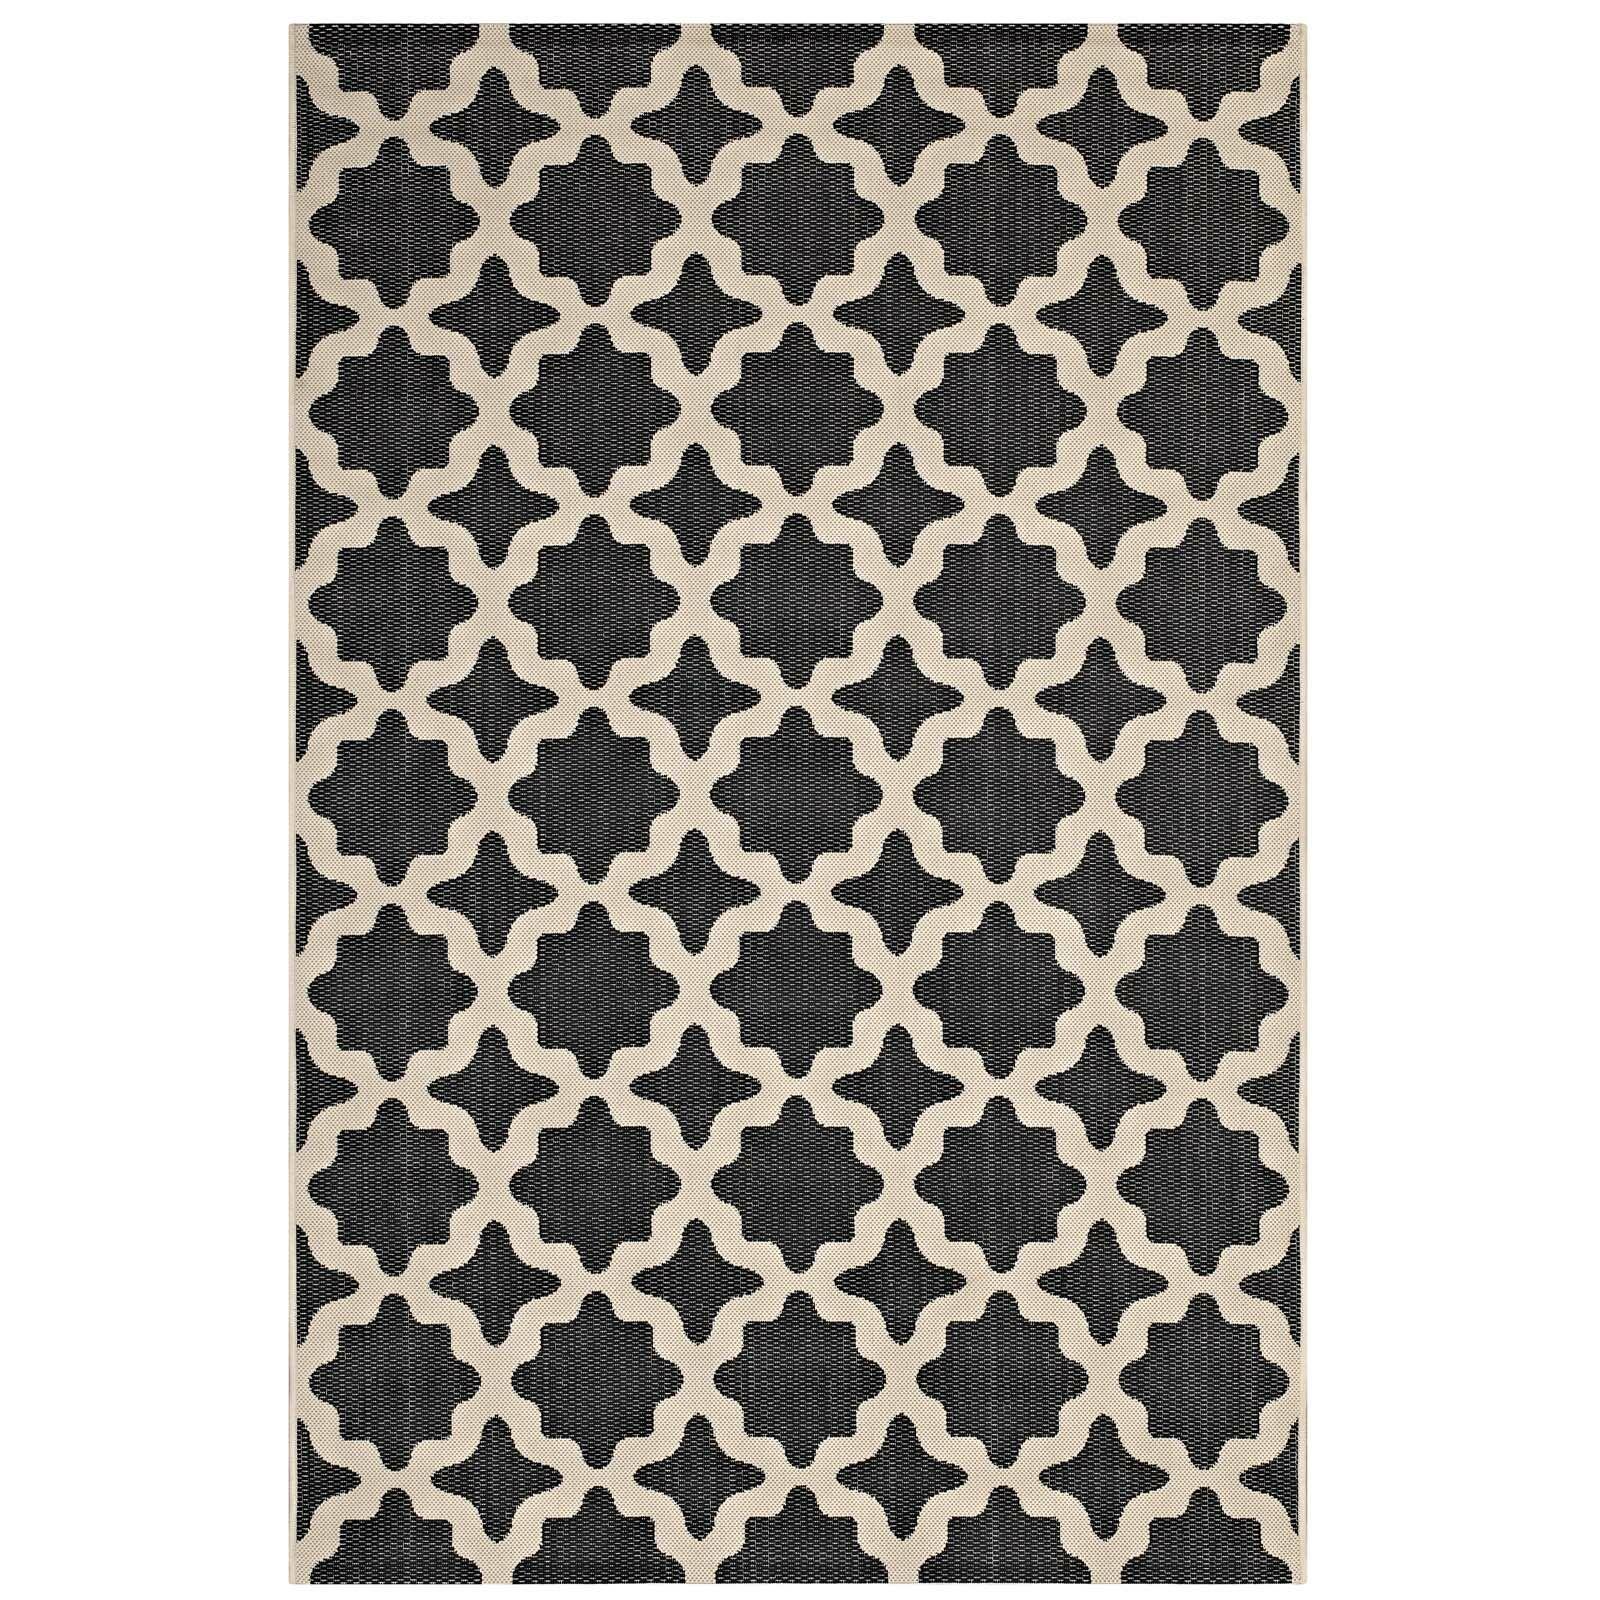 Hervey Bay Moroccan Trellis Black/Beige Indoor/Outdoor Area Rug Rug Size: Rectangle 5' x 8'